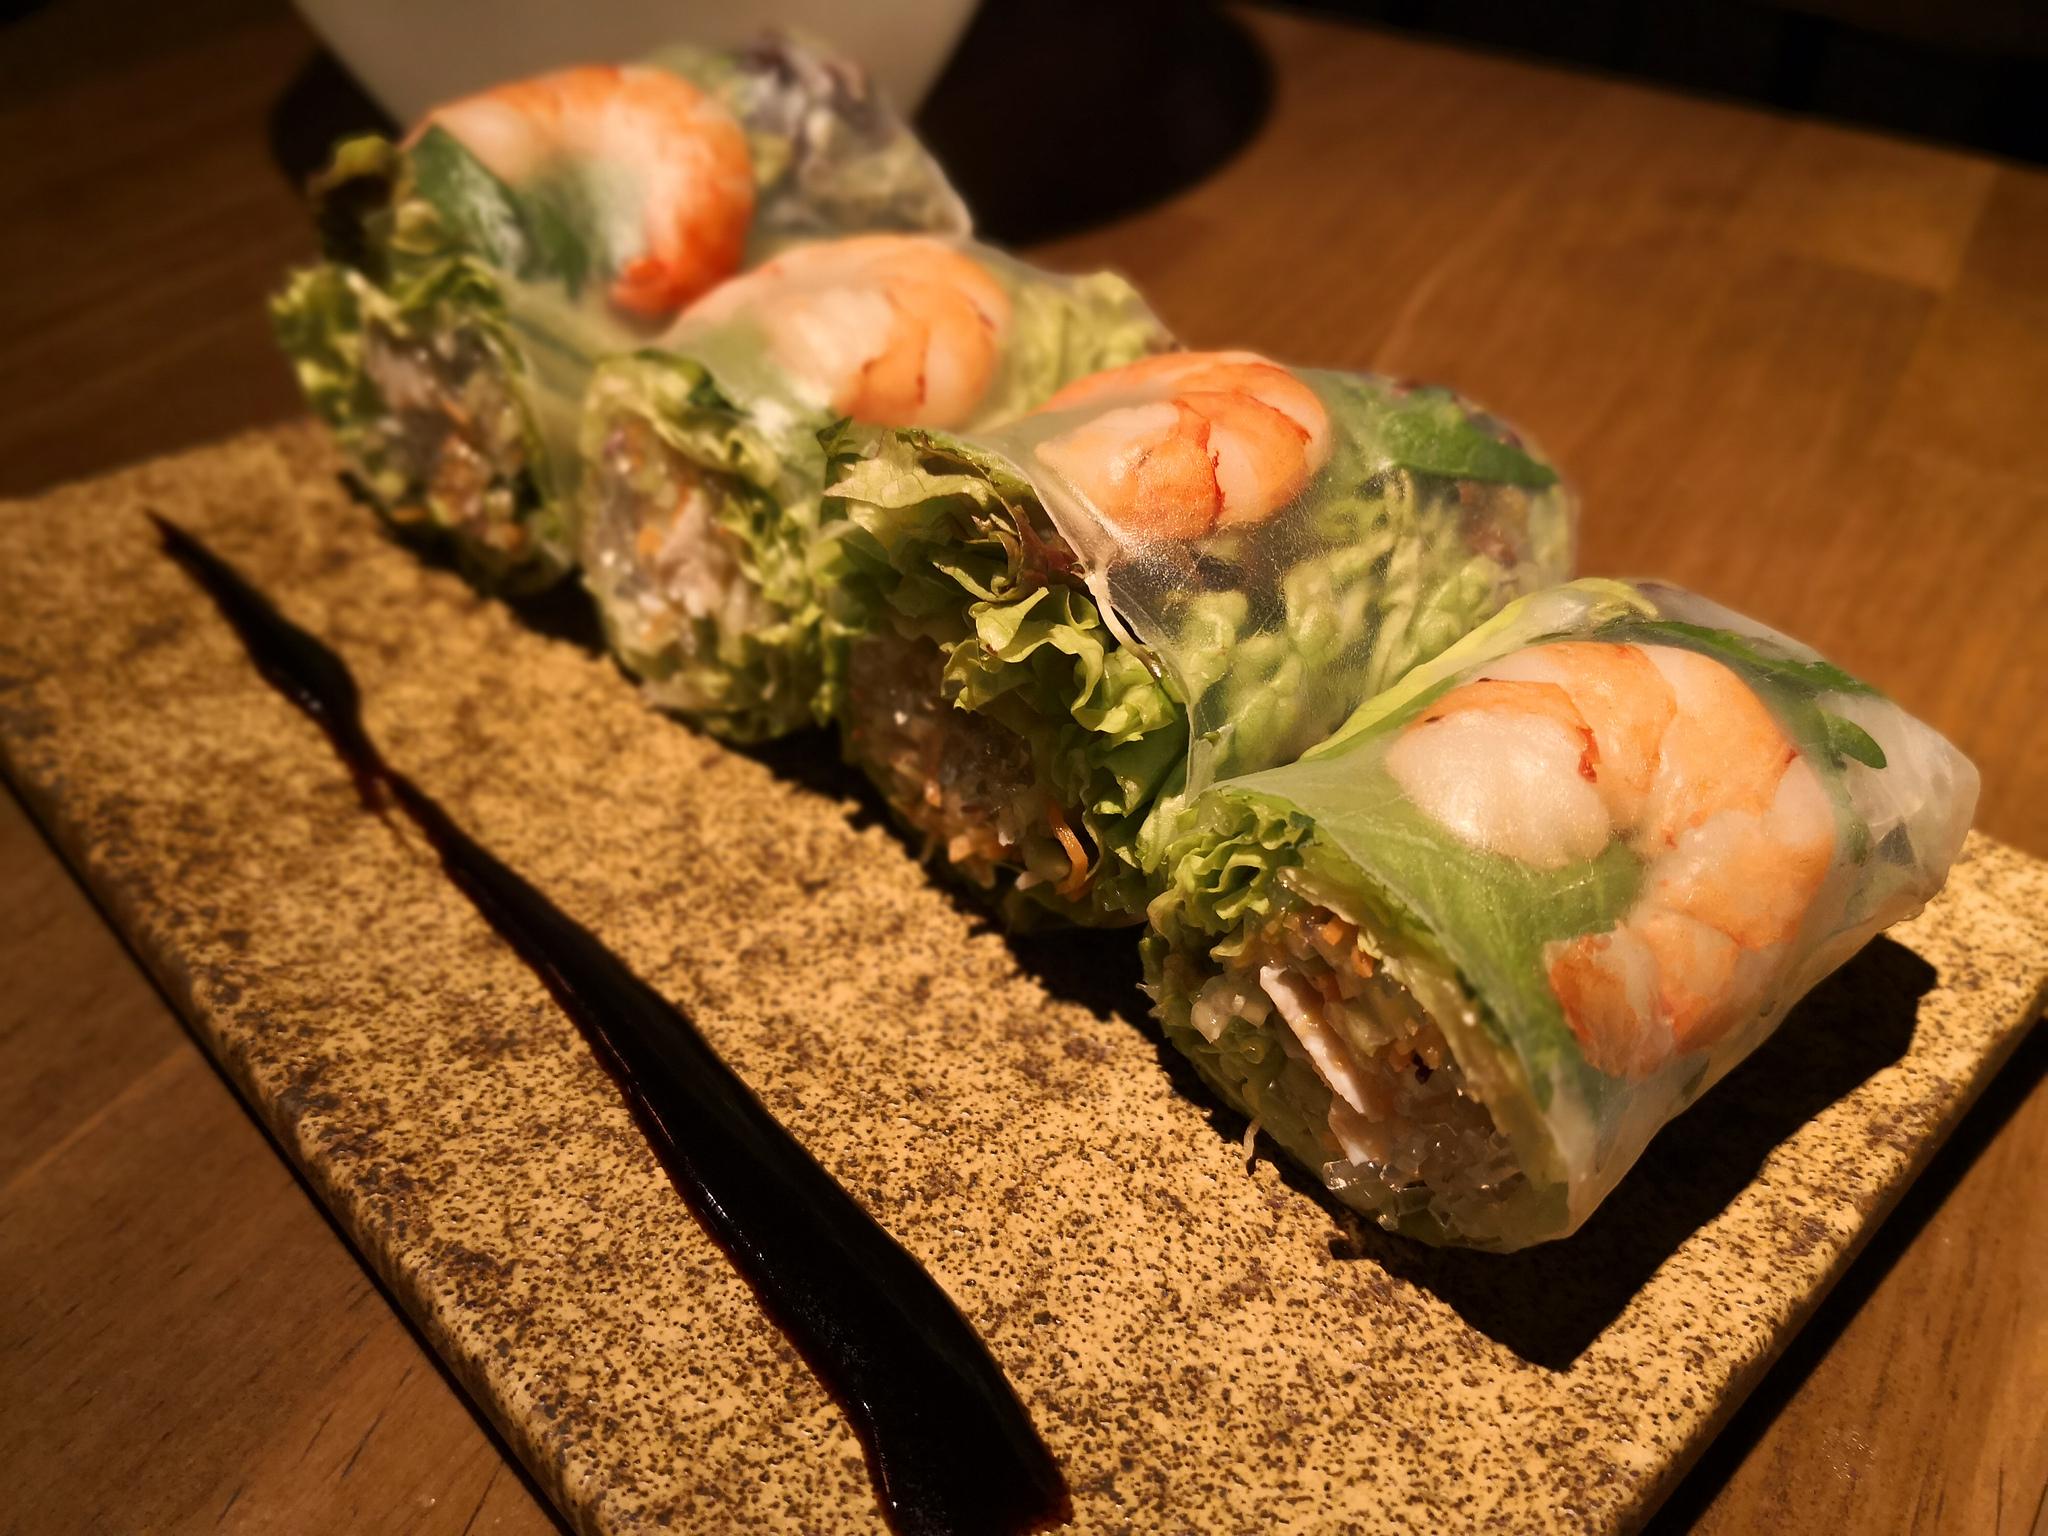 【渋谷】アジアンバル209@エスニックとナチュールワインを手軽に楽しめる良店。